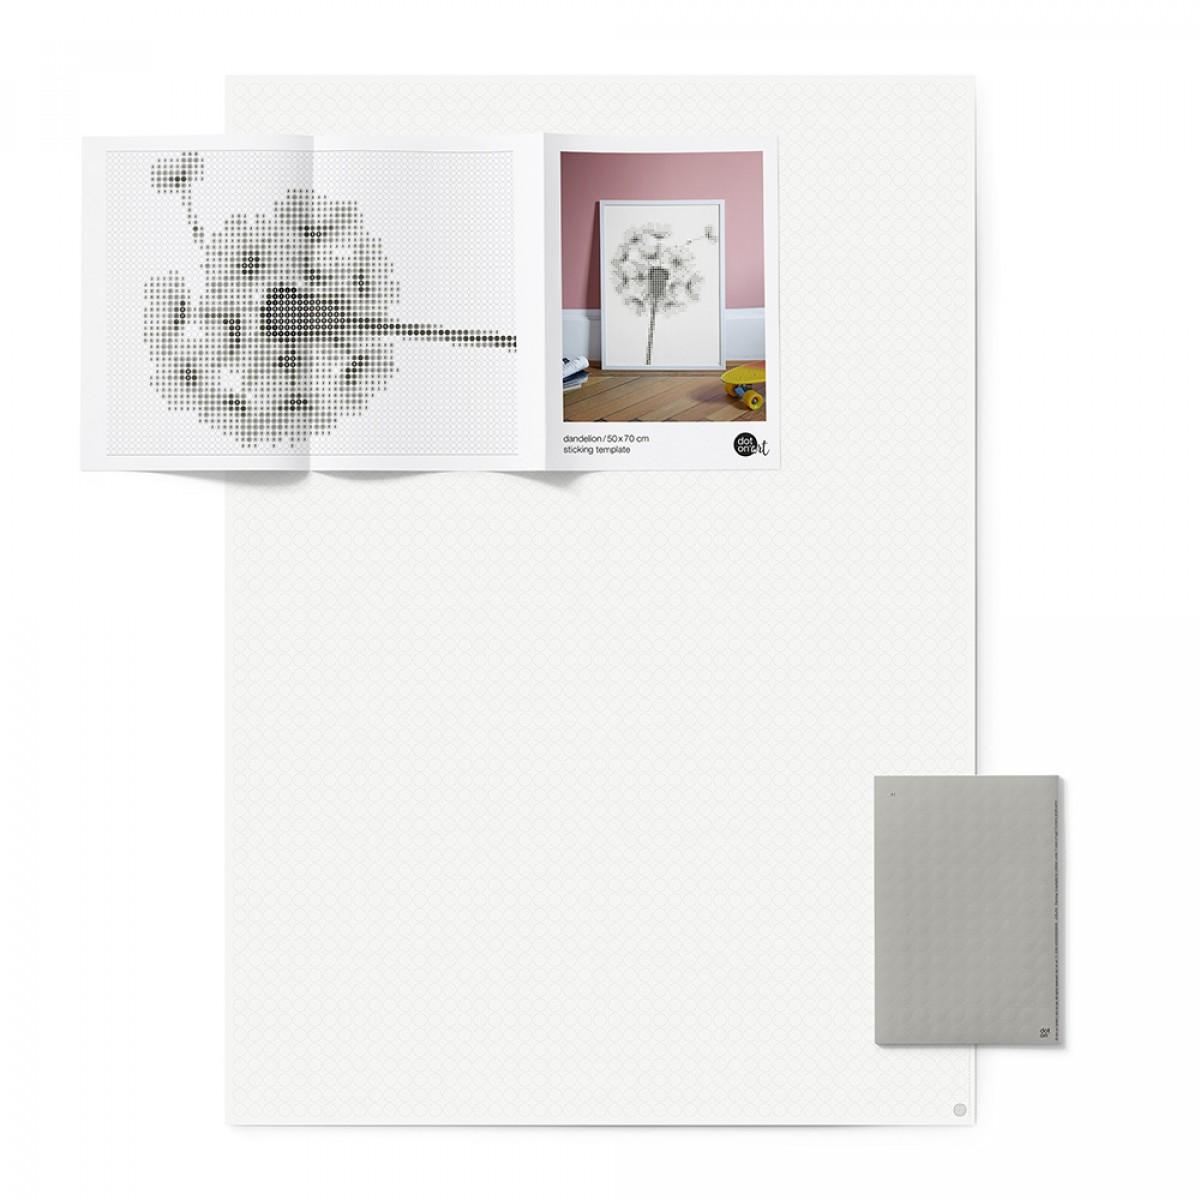 dot on art / dandelion – DIY-Kunstwerk zum Selberkleben / 50x70 cm